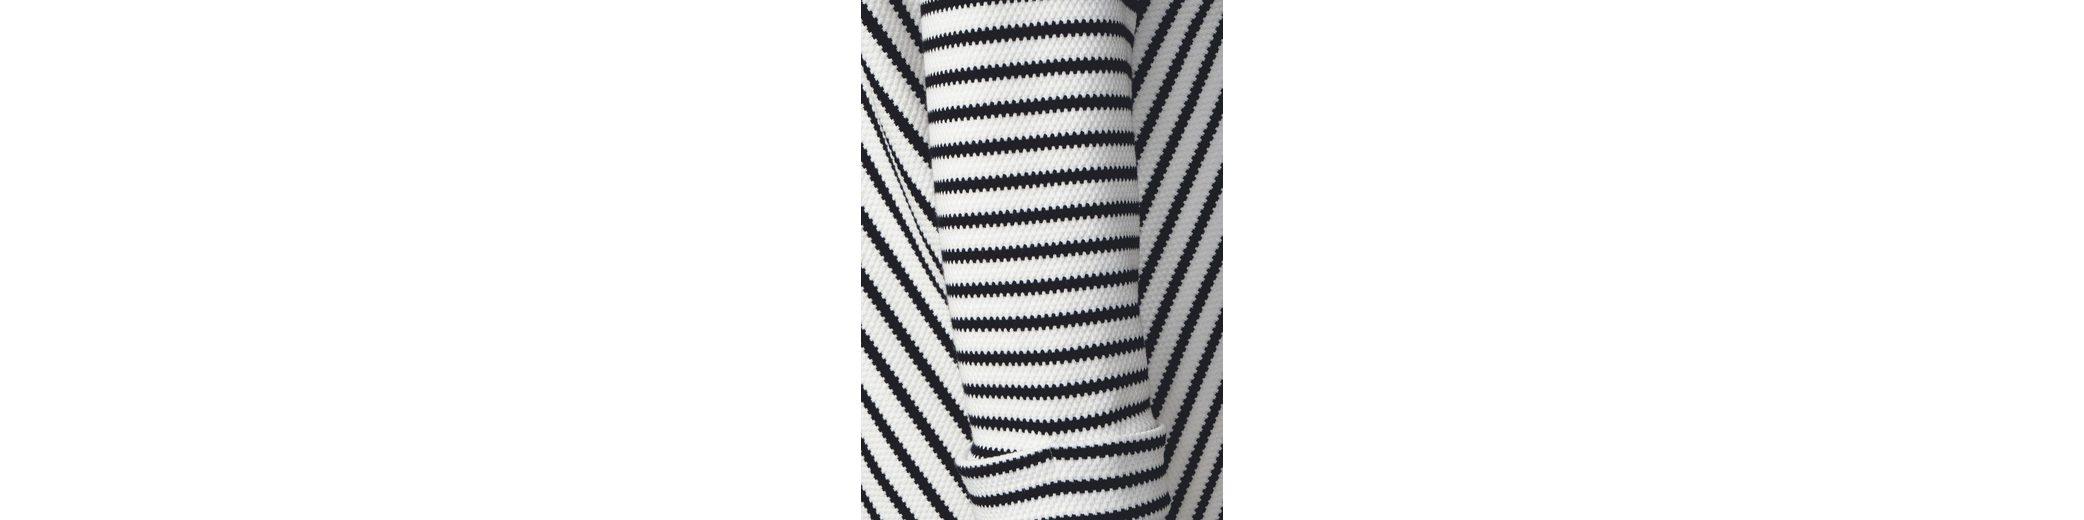 Street One Diagonales Streifen-Shirt Billig Verkauf In Deutschland Billige Schnelle Lieferung Rabatt Heißen Verkauf Billige Usa Händler Billig Verkauf Geschäft RNx7QC83R